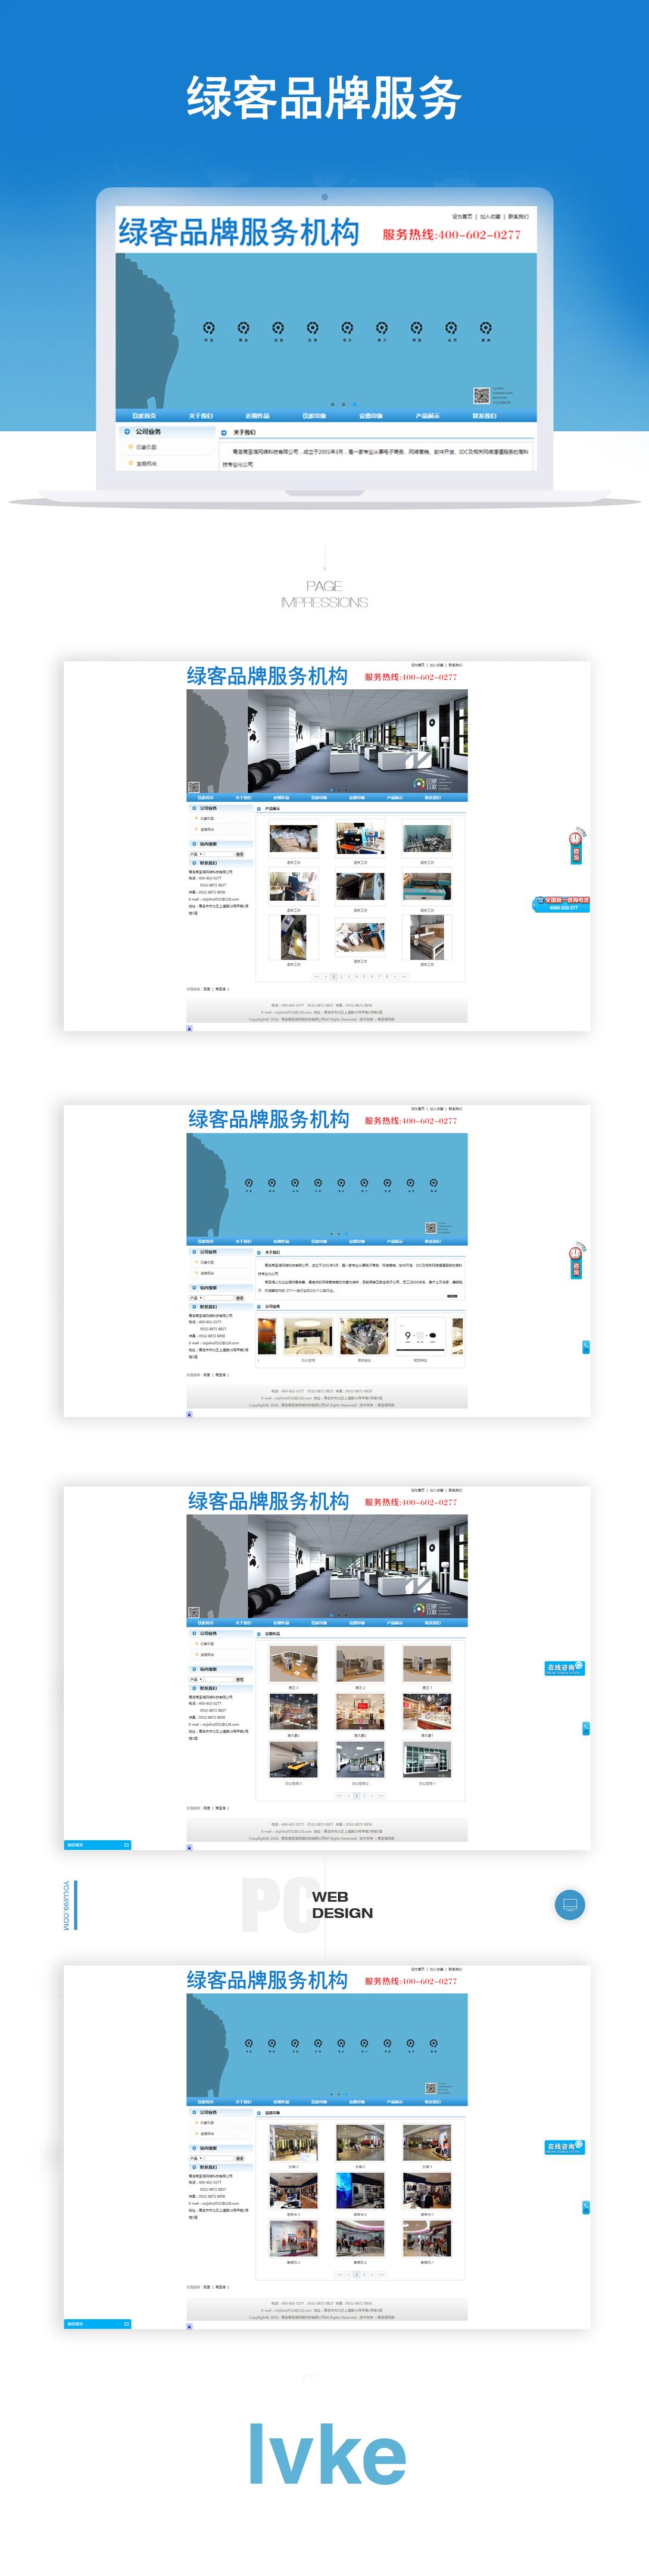 品牌服务类网站建设及品牌服务类关键词宣传推广